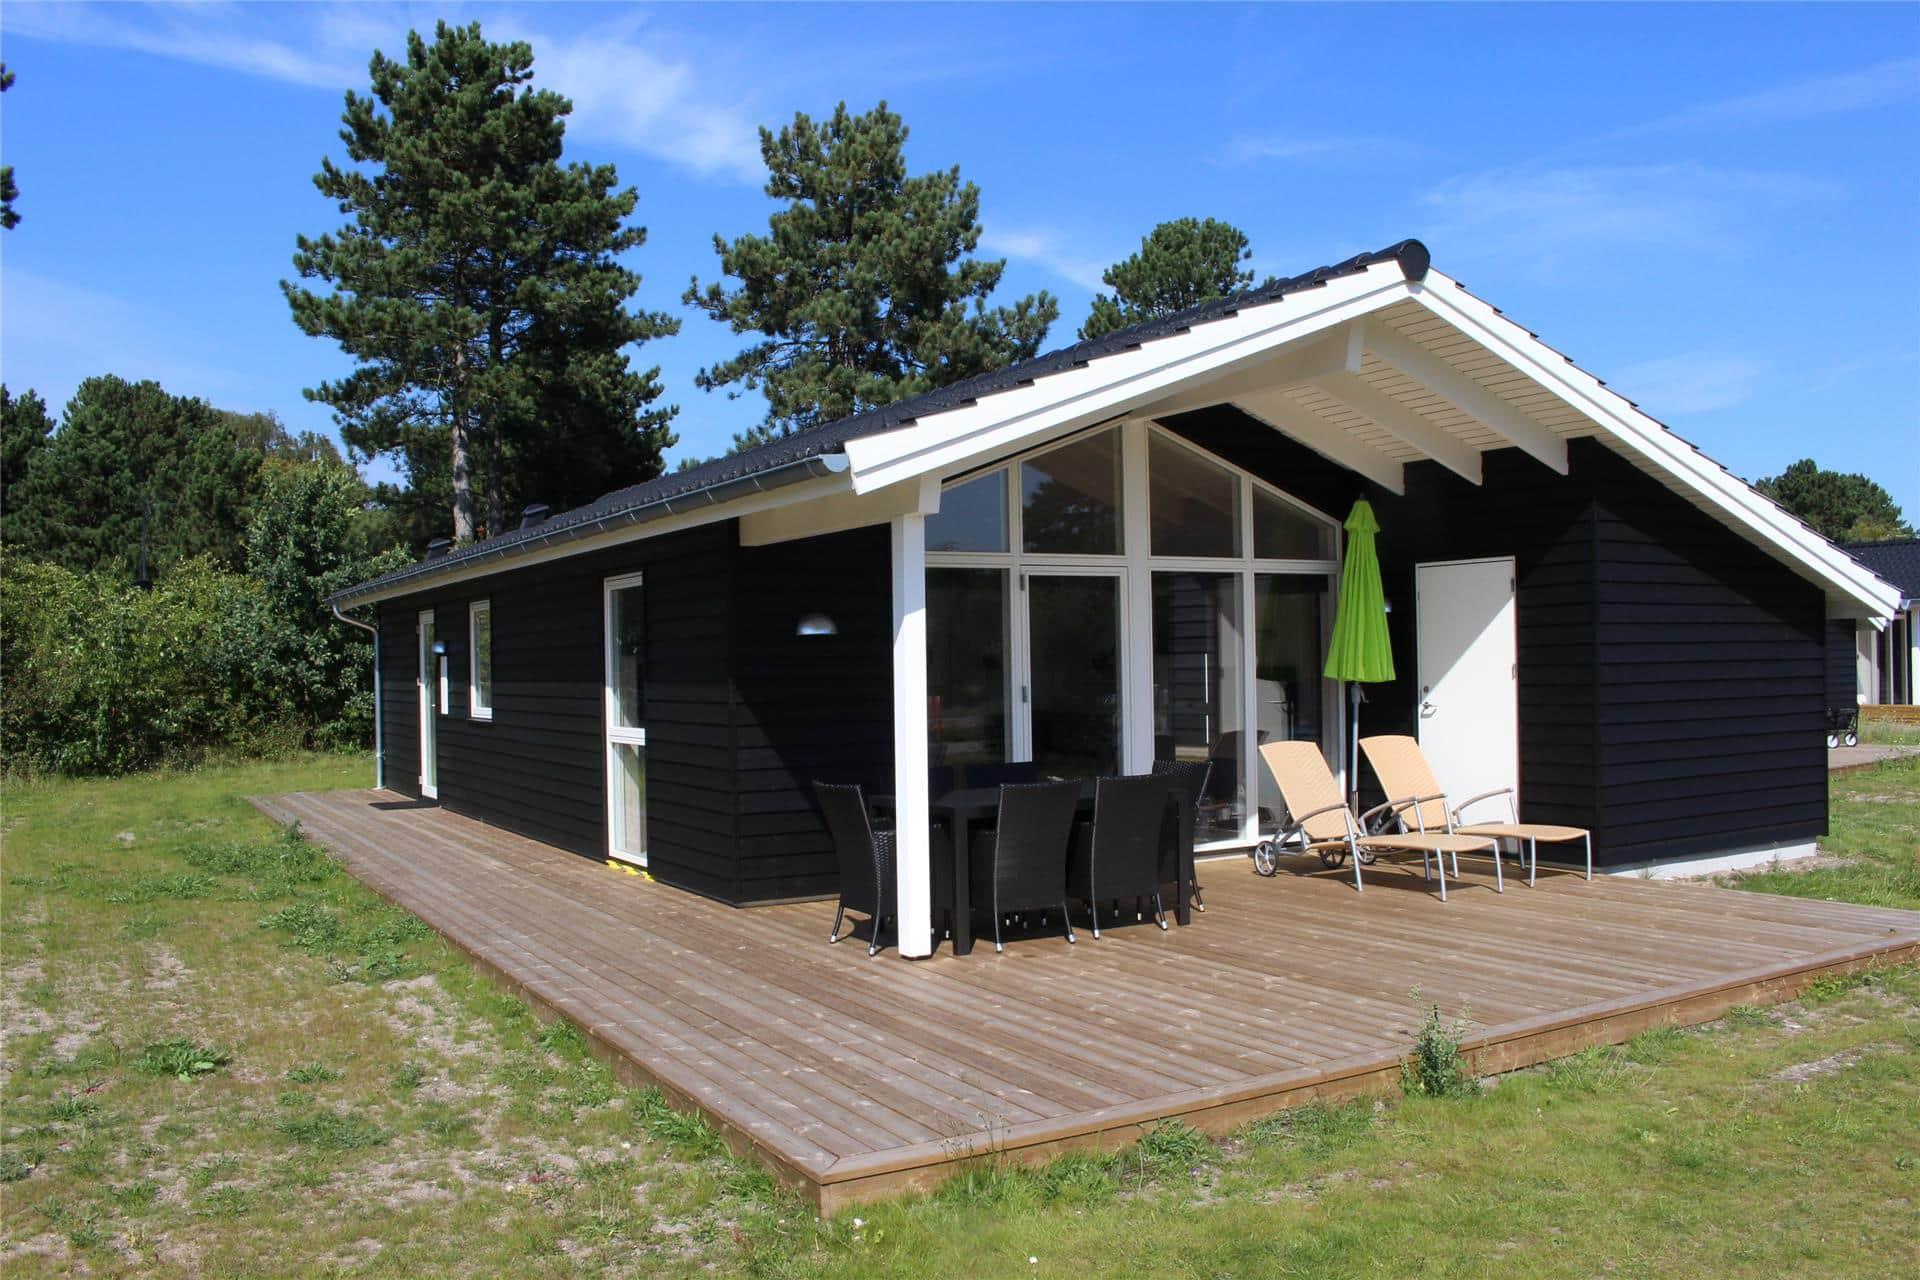 Afbeelding 1-17 Vakantiehuis 11191, Lynghækken 1, DK - 4500 Nykøbing Sj